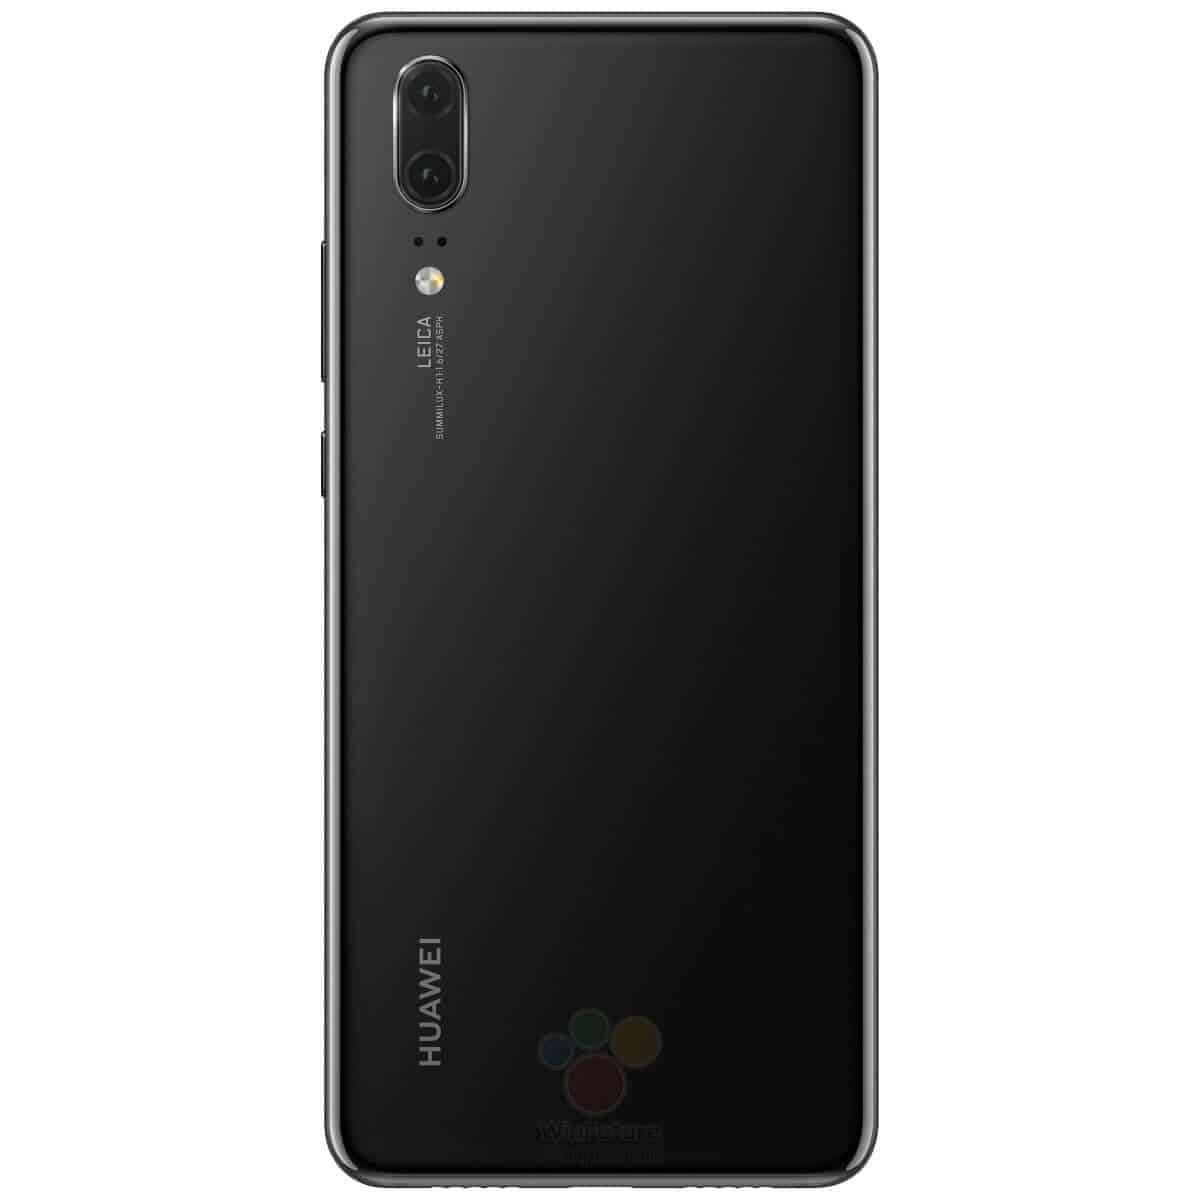 Huawei P20 Press Renders 7